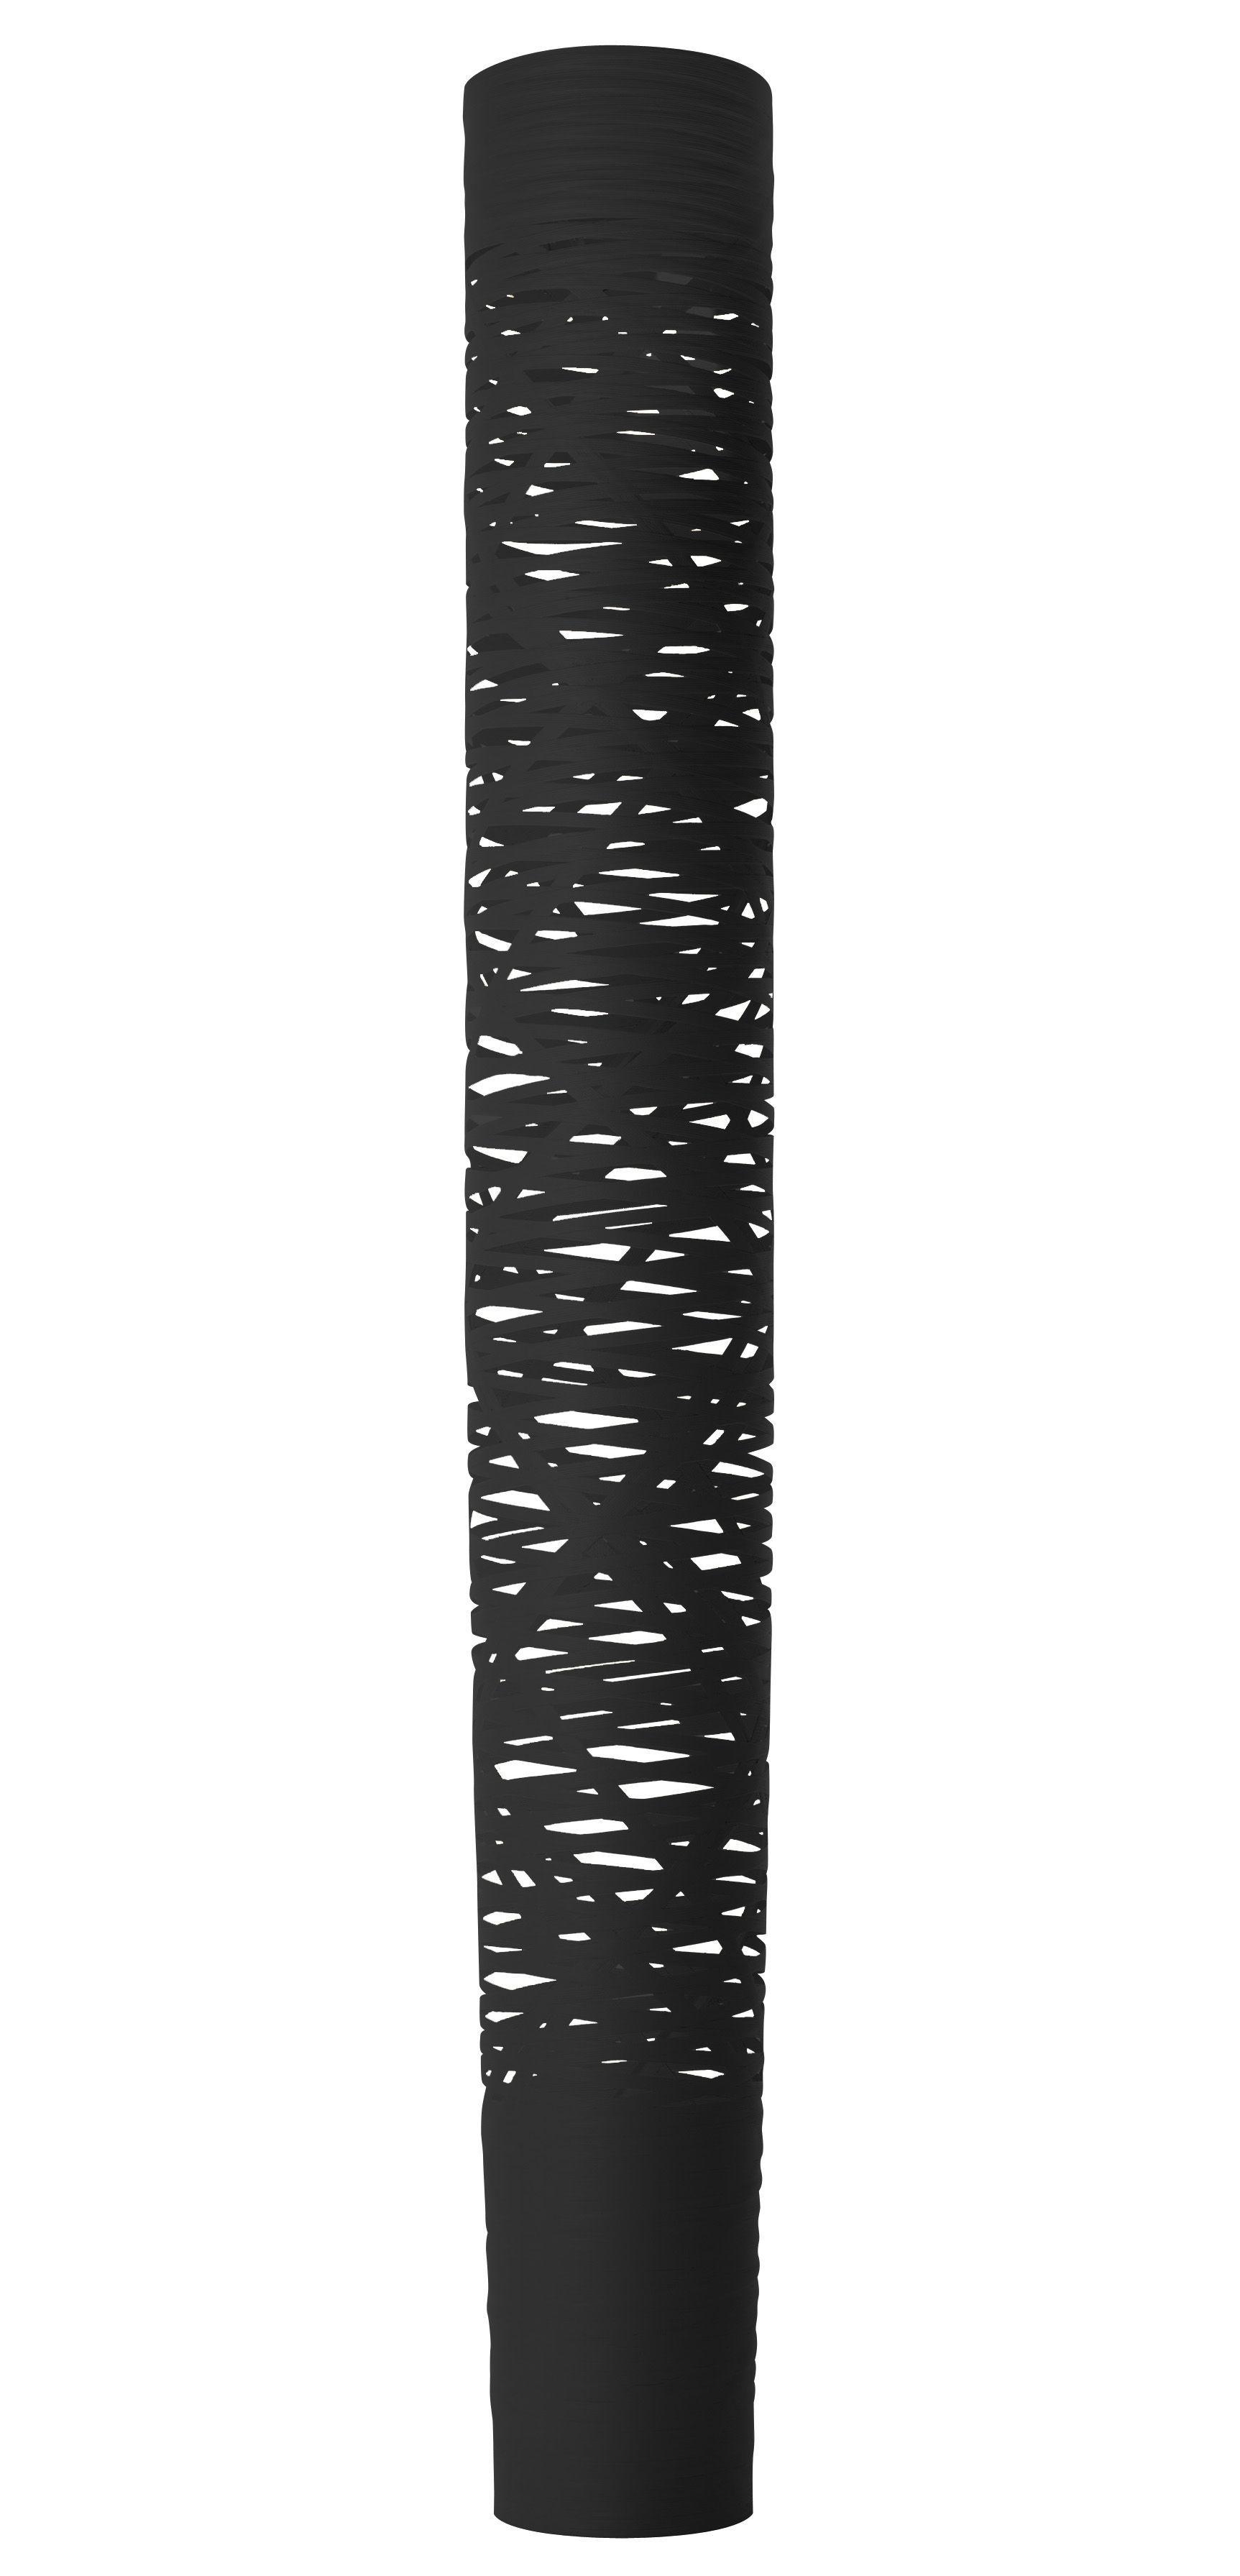 Leuchten - Stehleuchten - Tress Stehleuchte LED / H 195 cm - Foscarini - Schwarz - Glasfaser, Verbund-Werkstoffe